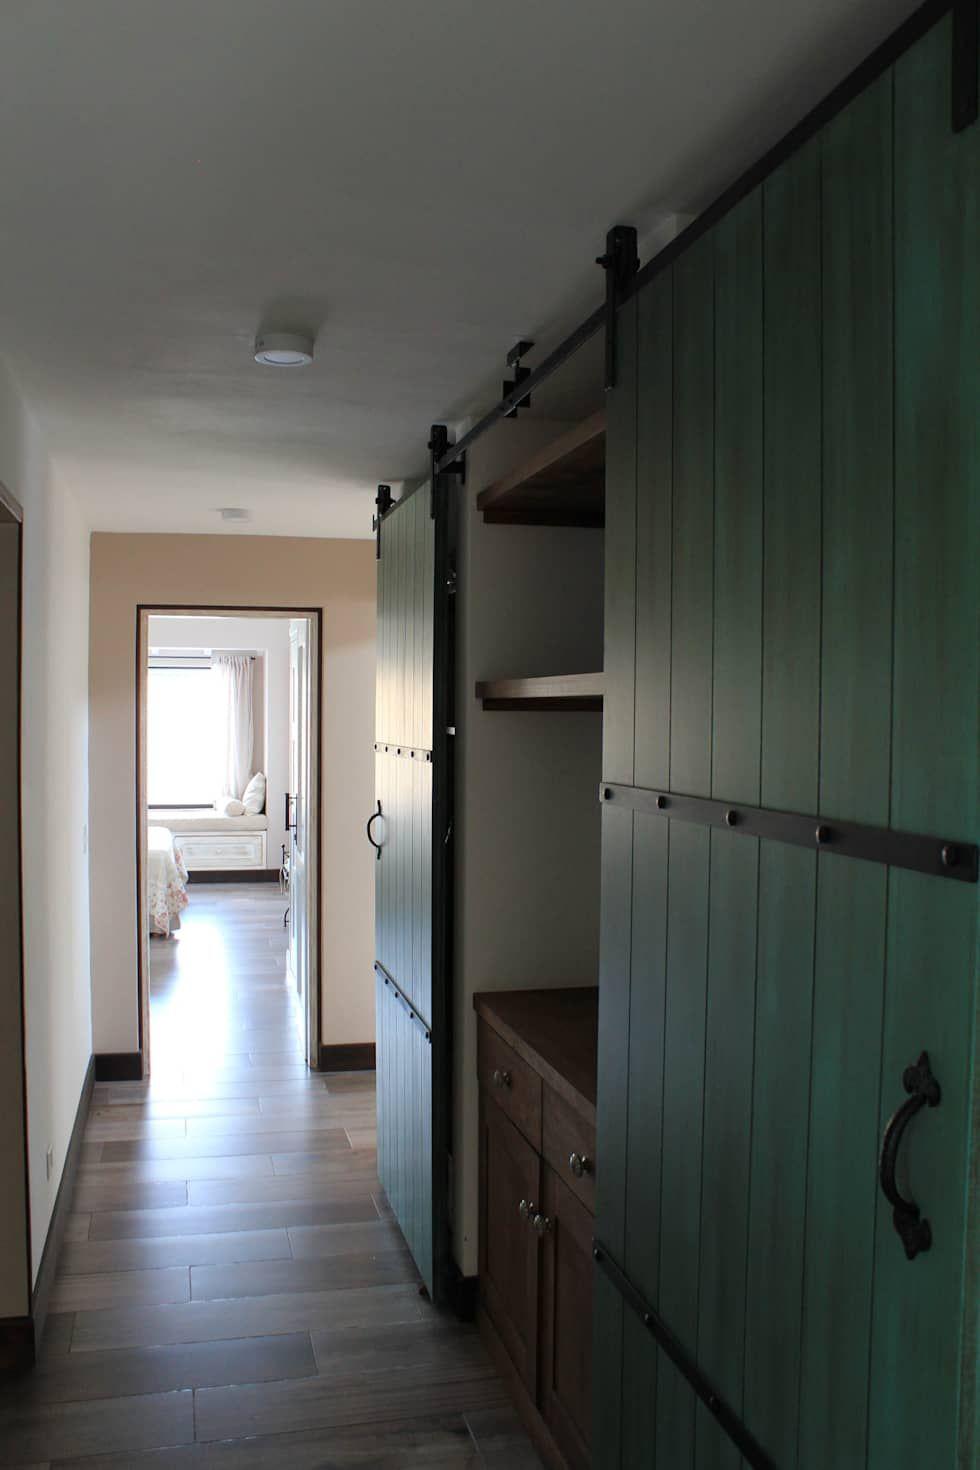 pasillo: Pasillos, vestíbulos y escaleras de estilo  por Knudsen Taddeo Arquitectura